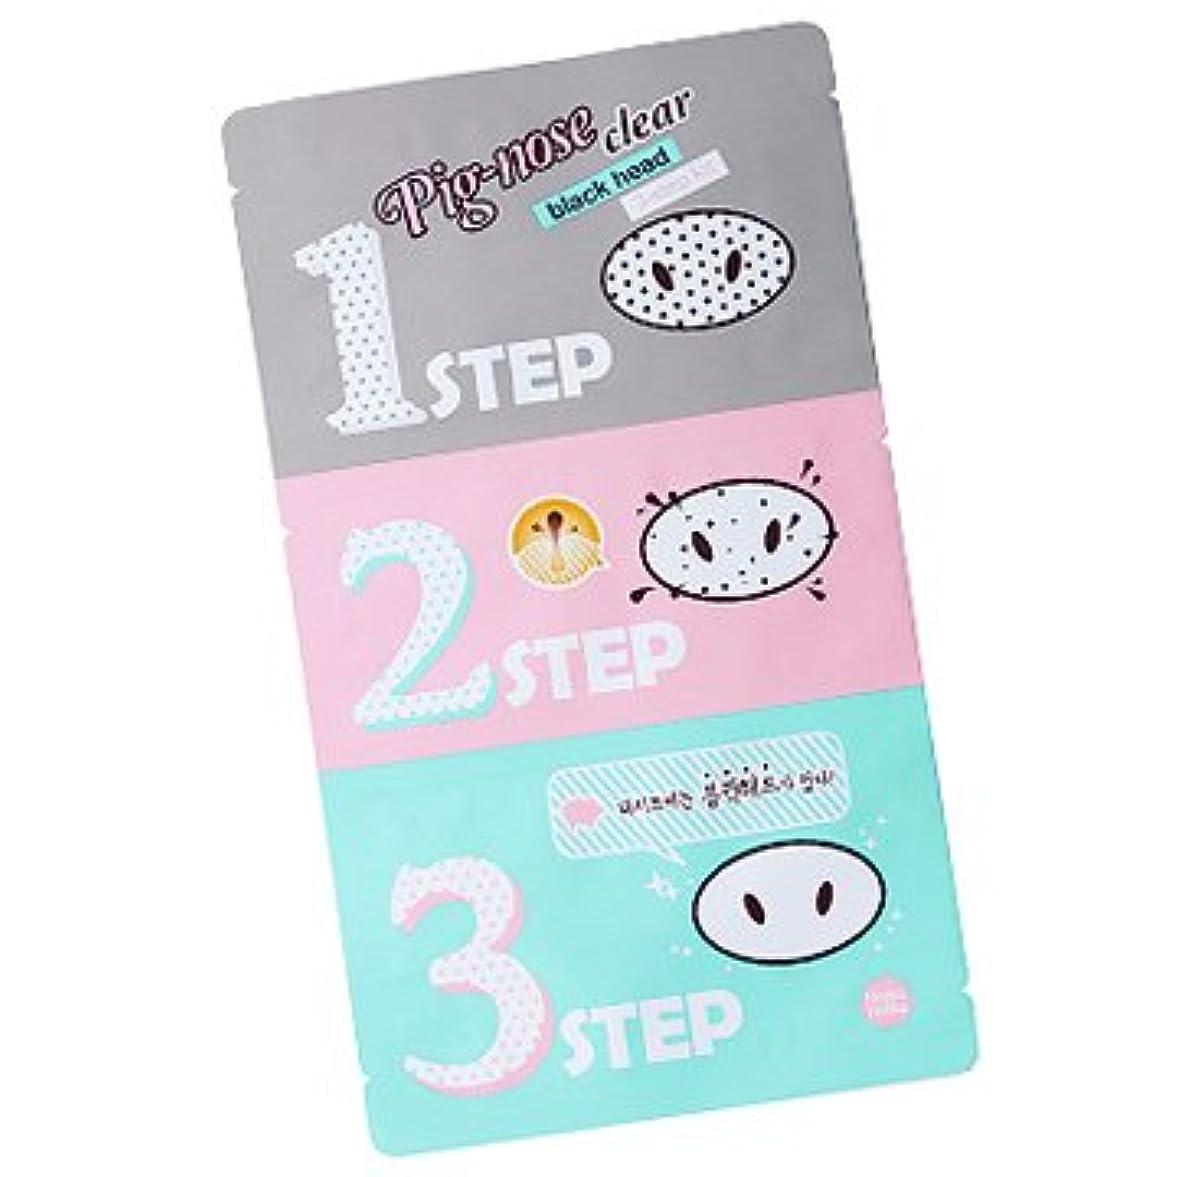 音楽節約体系的にHolika Holika Pig Nose Clear Black Head 3-Step Kit 5EA (Nose Pack) ホリカホリカ ピグノーズクリアブラックヘッド3-Stepキット(鼻パック) 5pcs [並行輸入品]